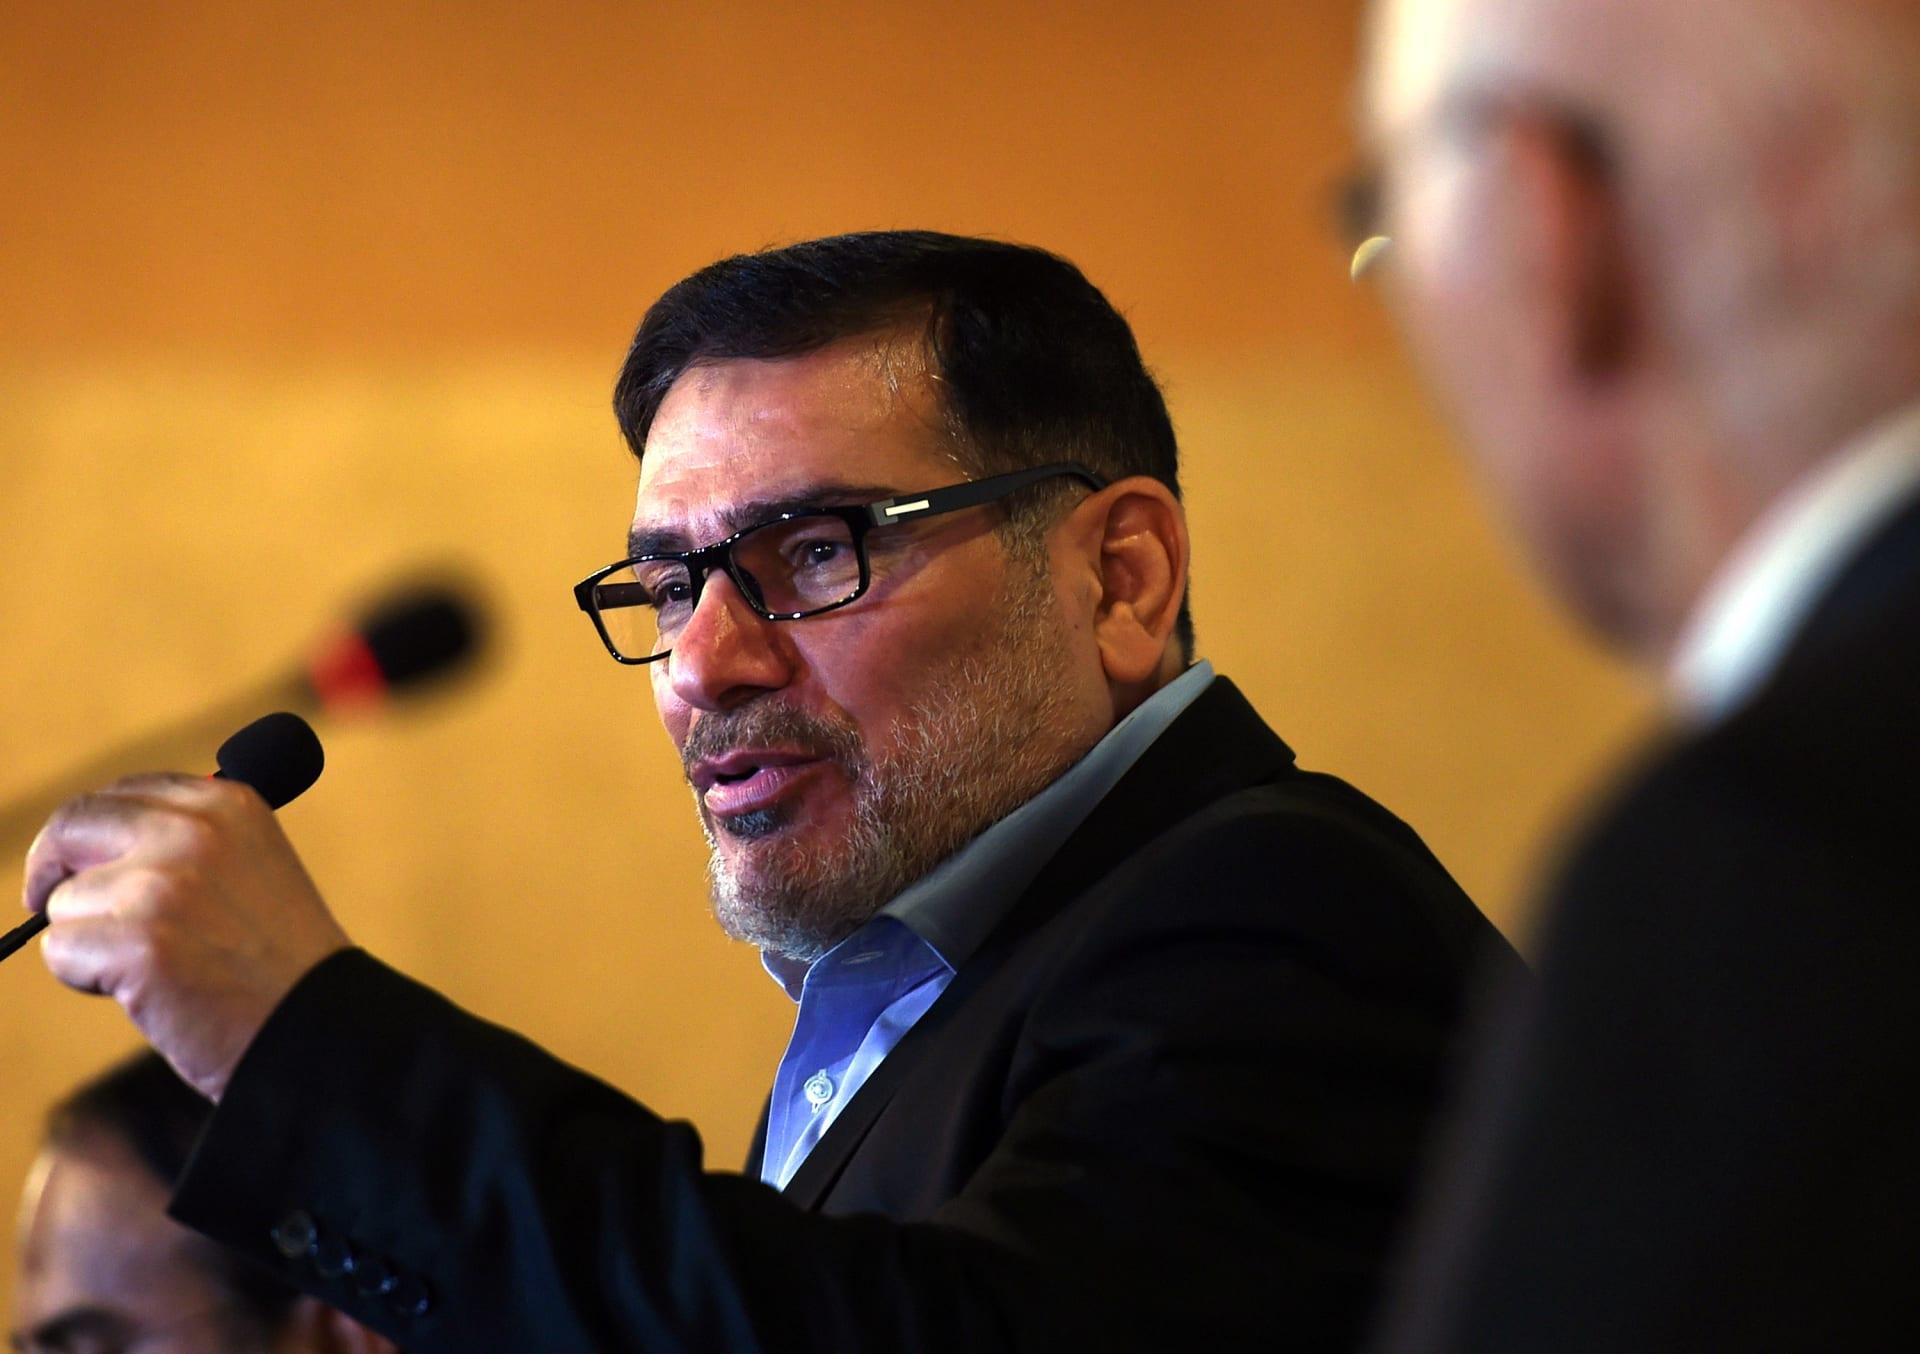 إيران: سننسحب من معاهدة حظر الأسلحة النووية بحال خروج أمريكا من الاتفاق النووي